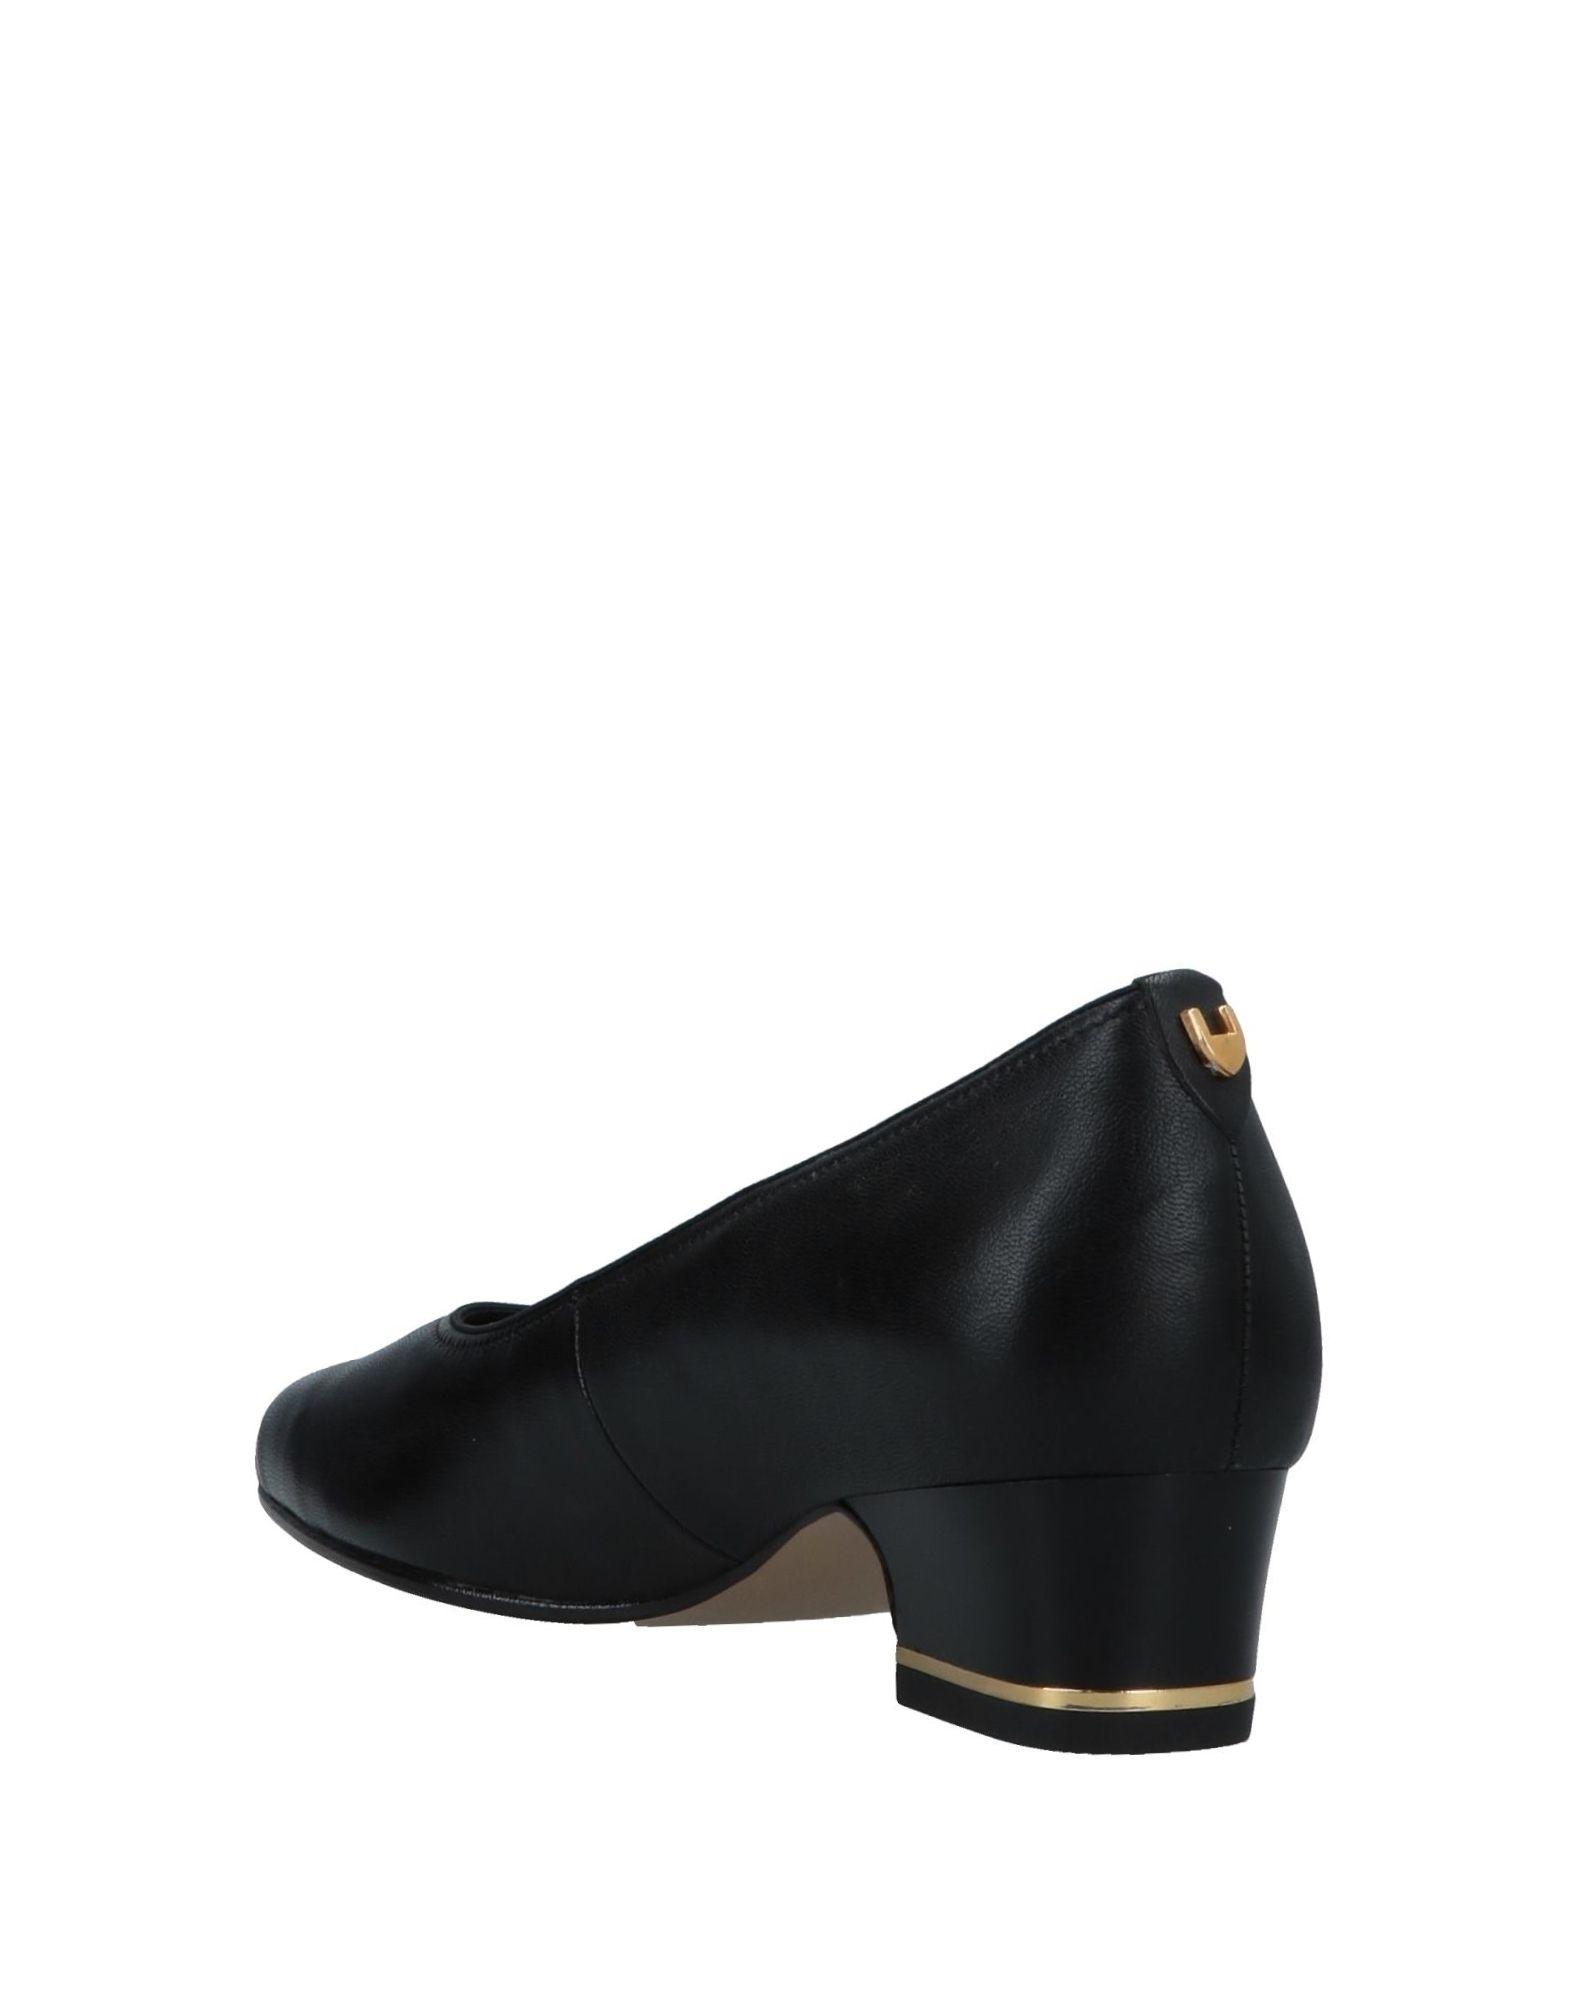 Ara Qualität Pumps Damen  11584072JD Gute Qualität Ara beliebte Schuhe a0ba04